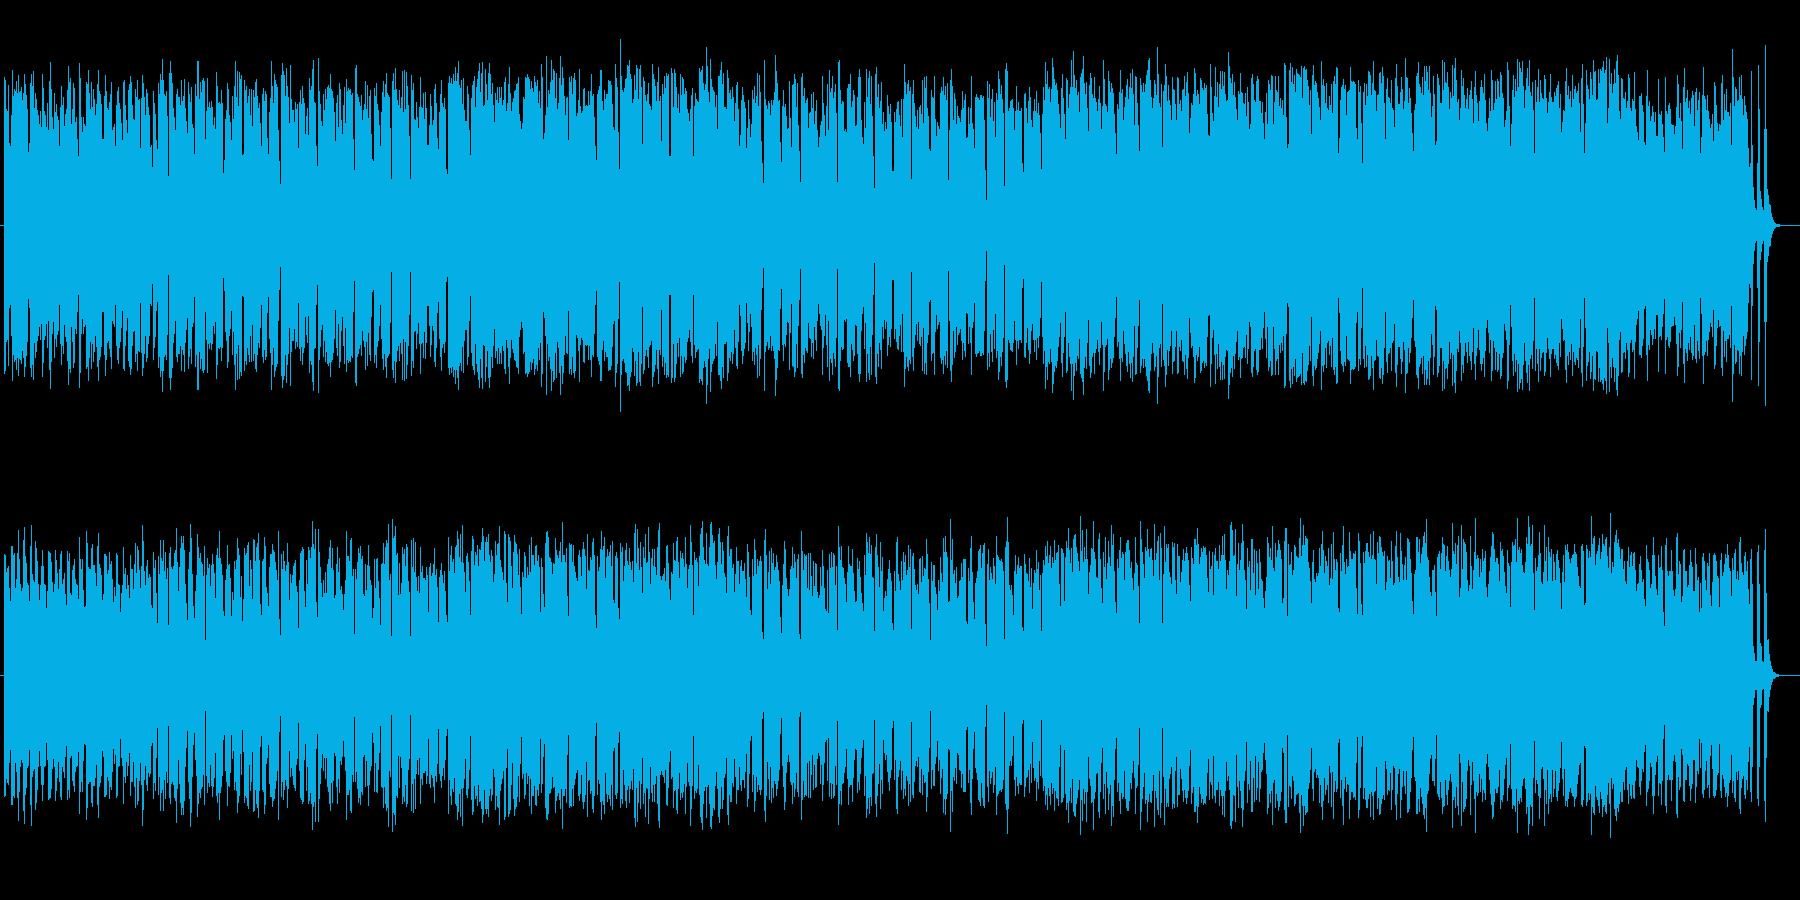 座って落ち着けるバーに似合う歌謡曲の再生済みの波形